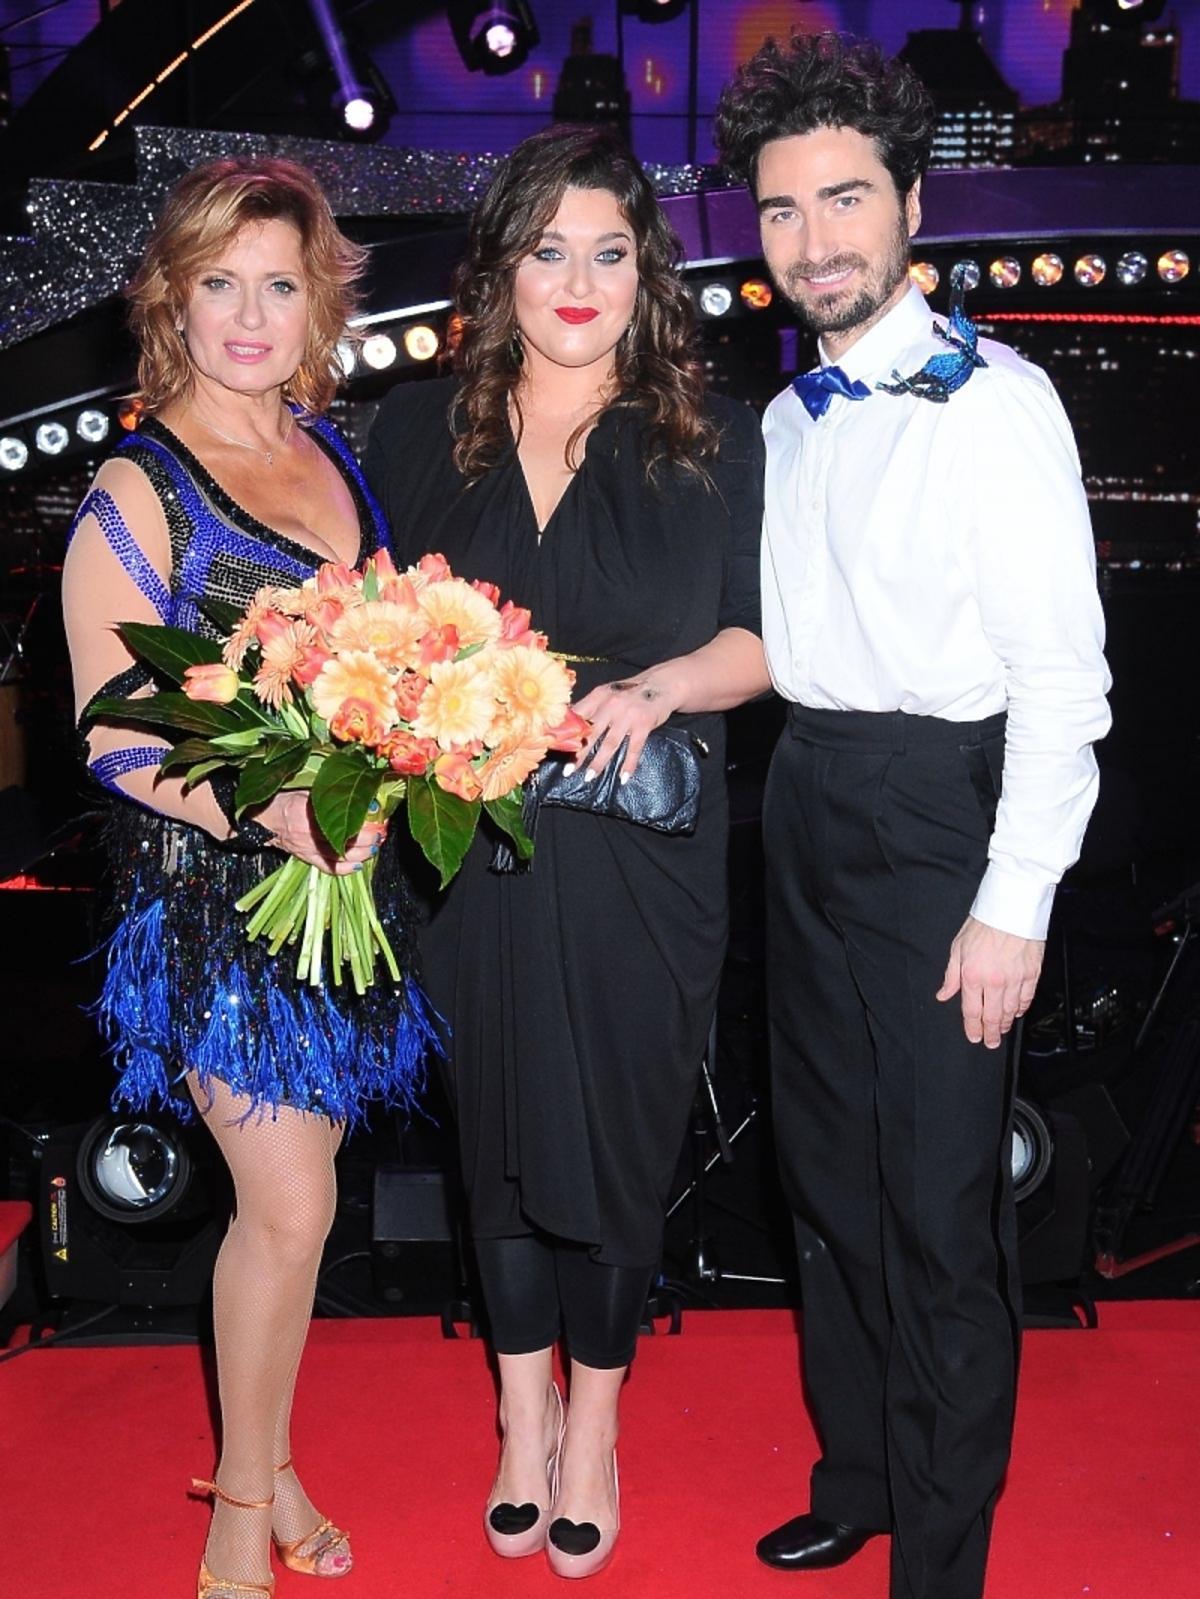 Ewa Kasprzyk, Jan Kliment i Małgorzata Bernatowicz w drugim odcinku Tańca z Gwiazdami